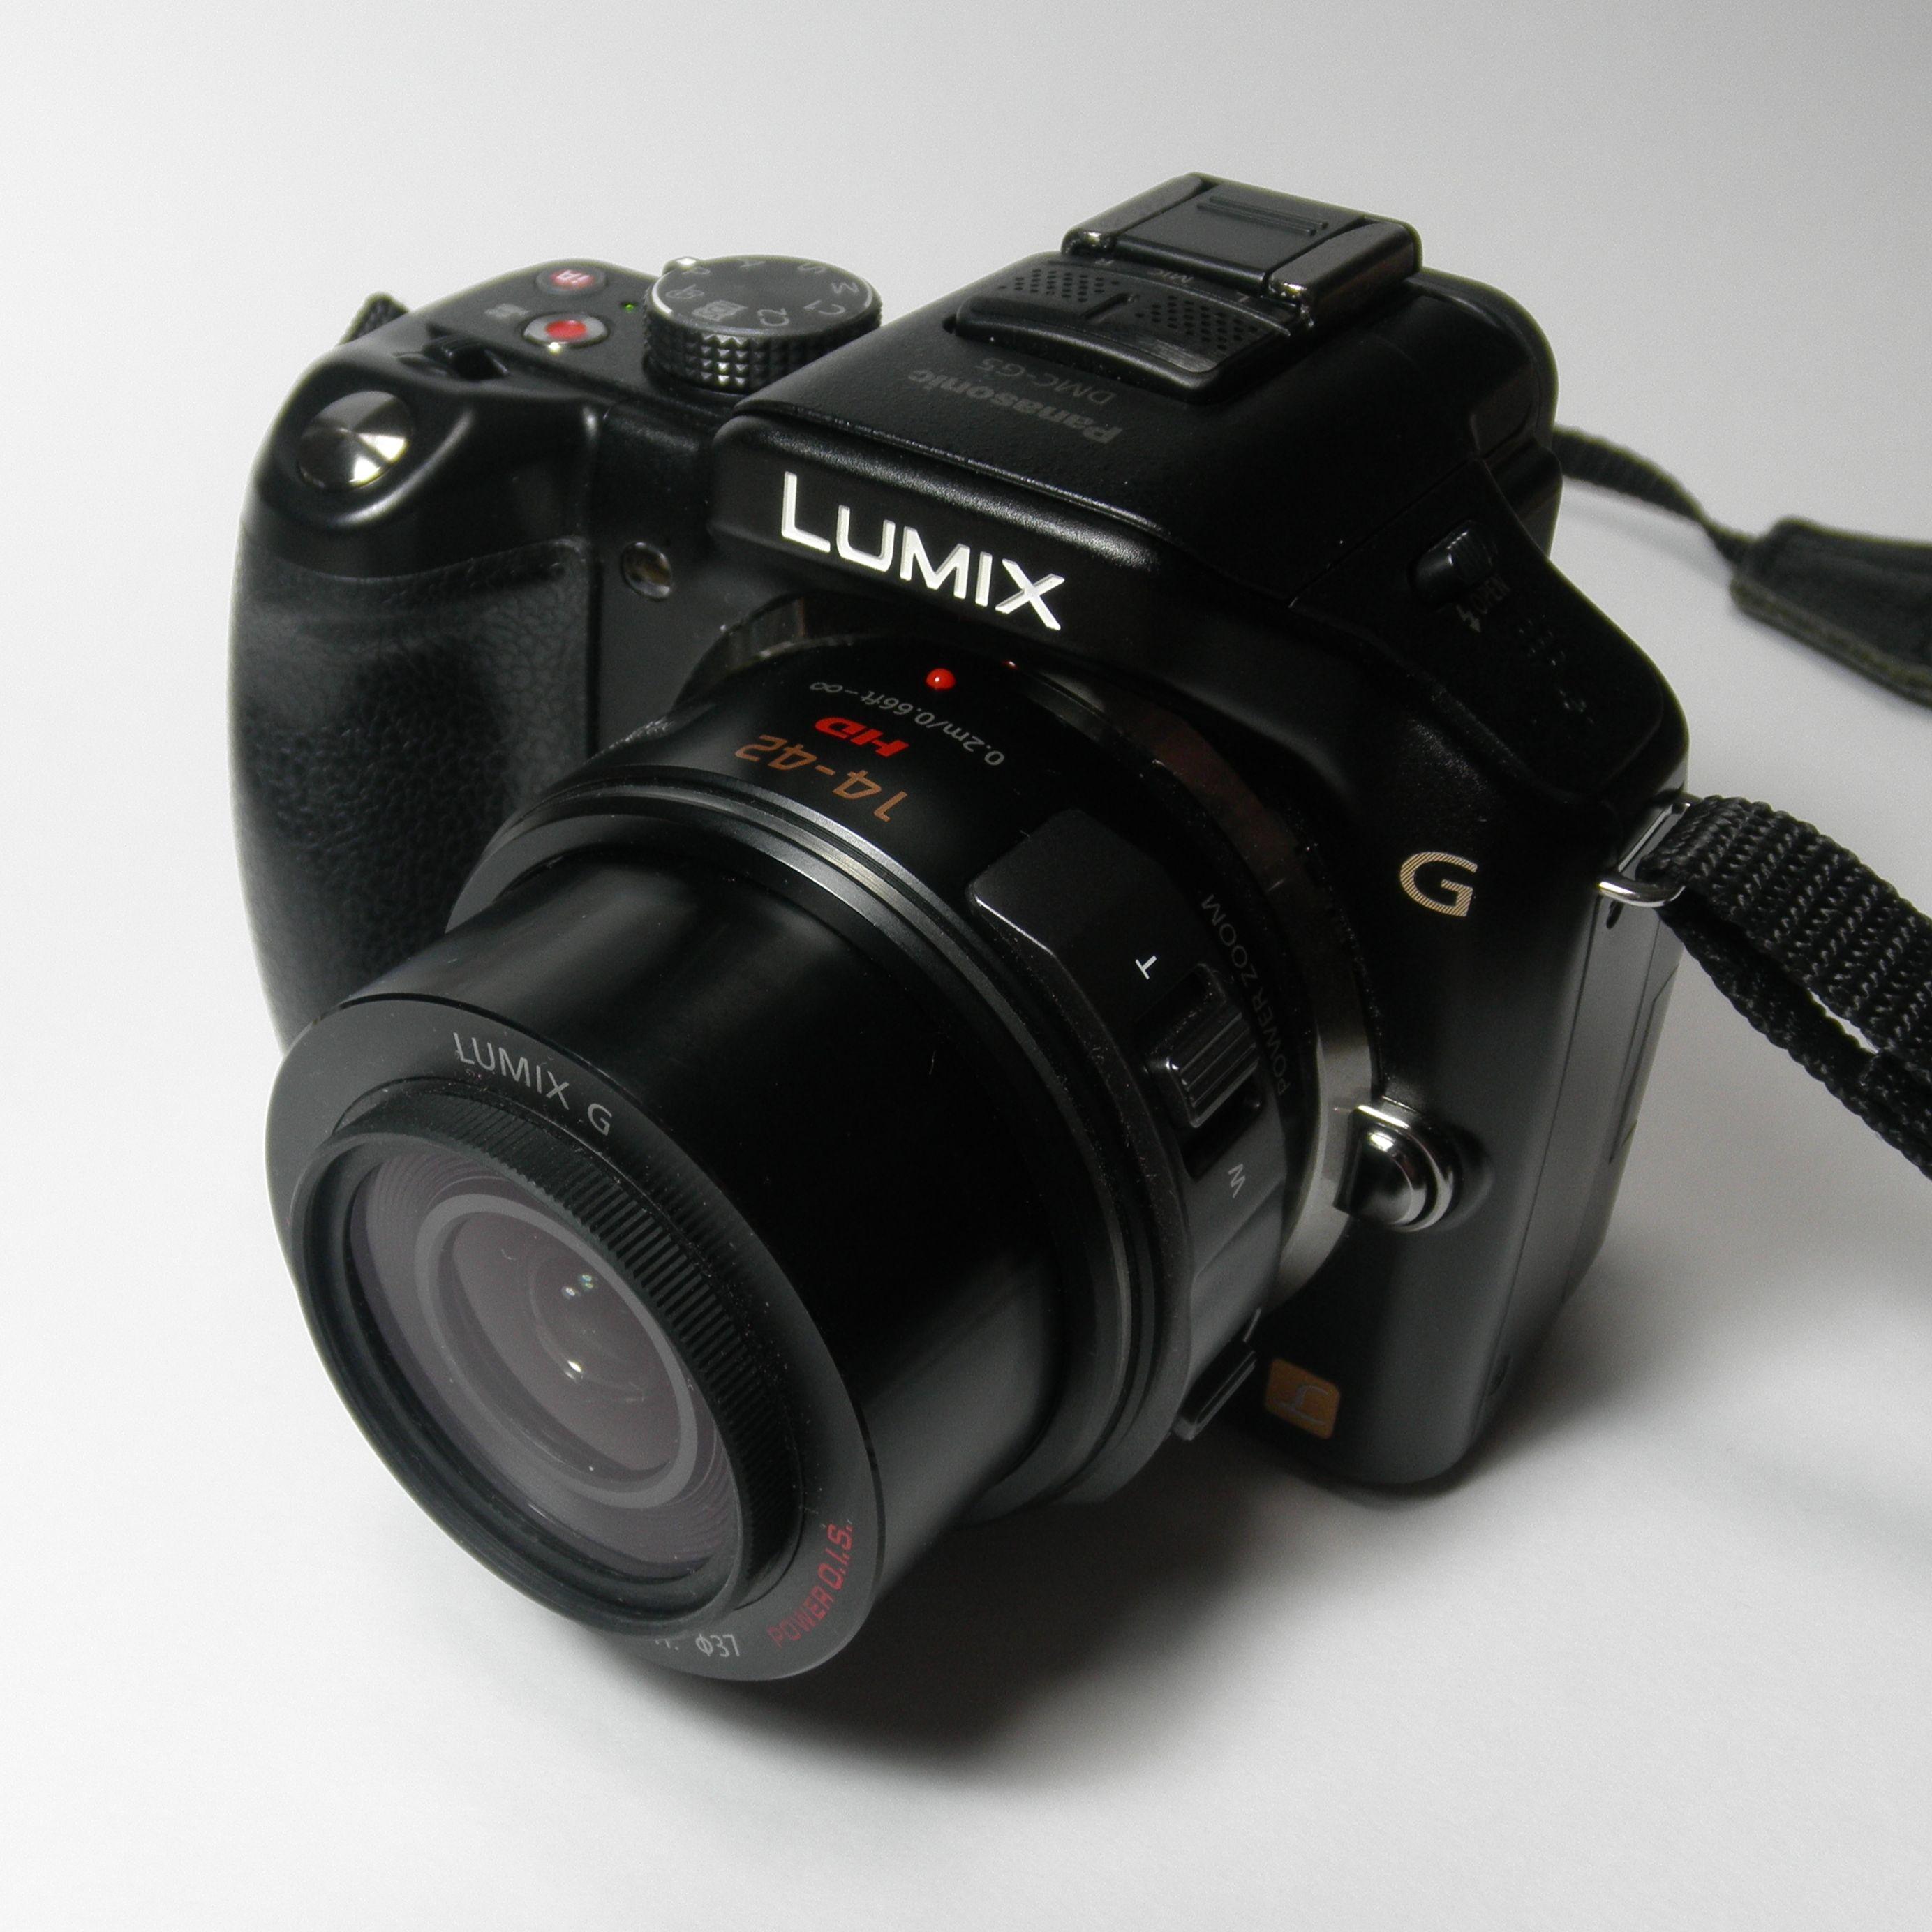 ルミックスG5 A1